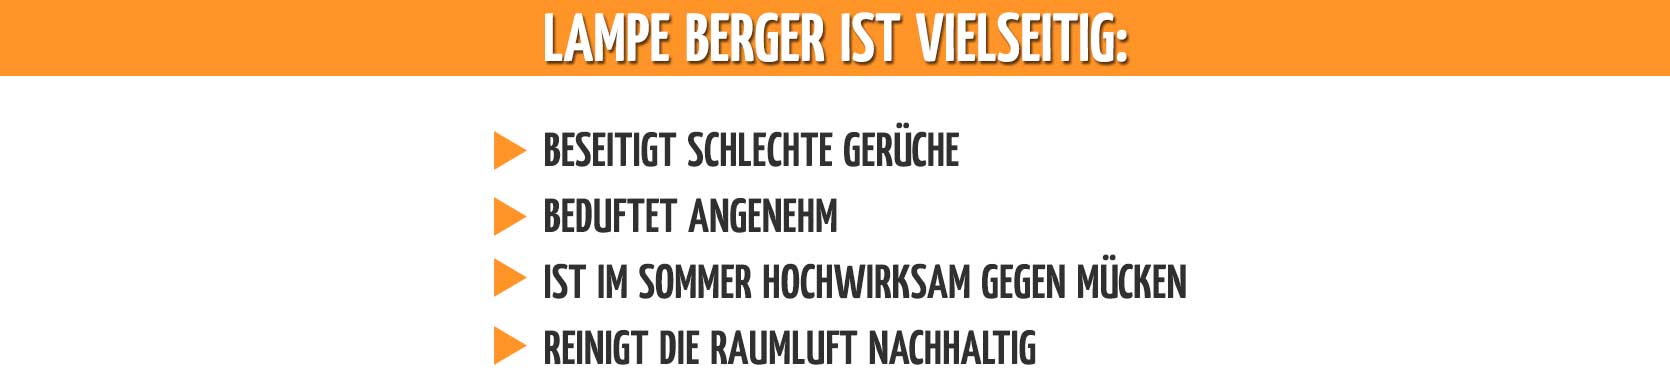 Lampe Berger ist einzigartig